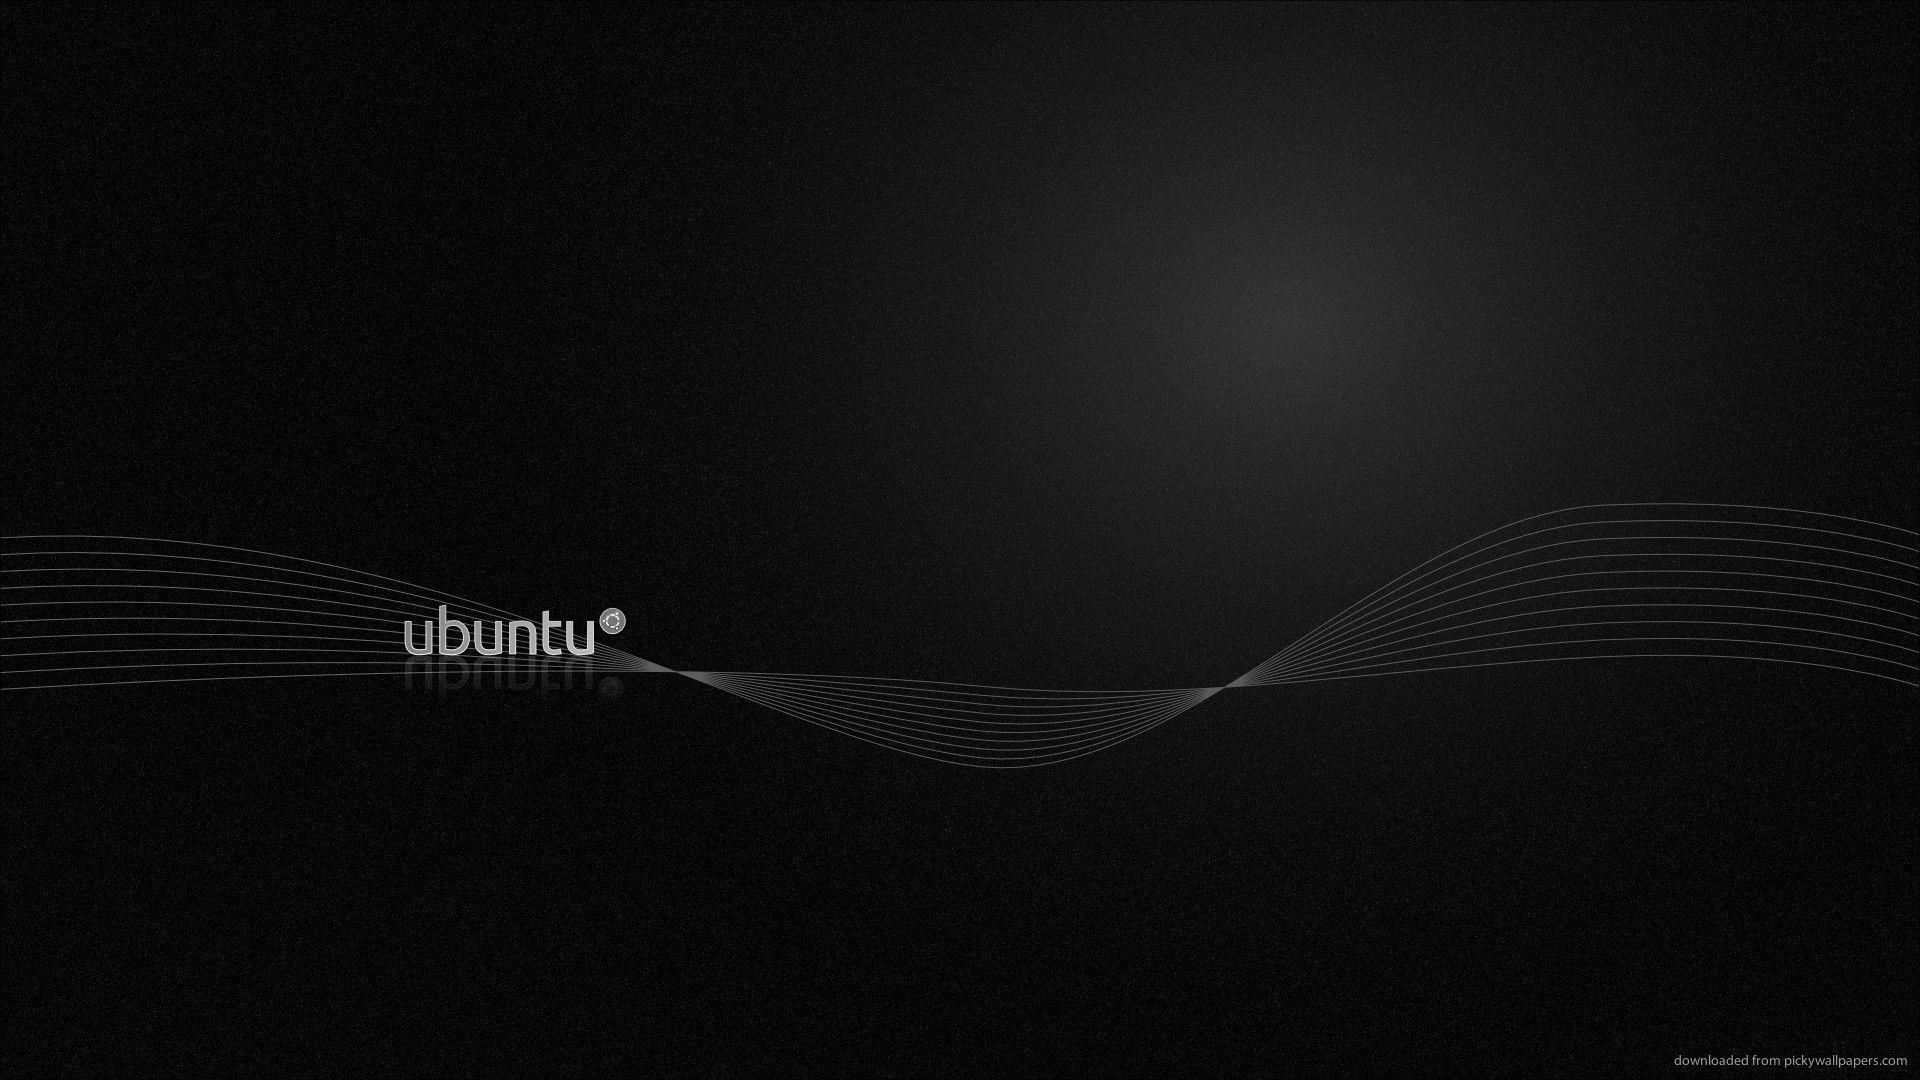 Dark Ubuntu Wallpapers 1920x1080